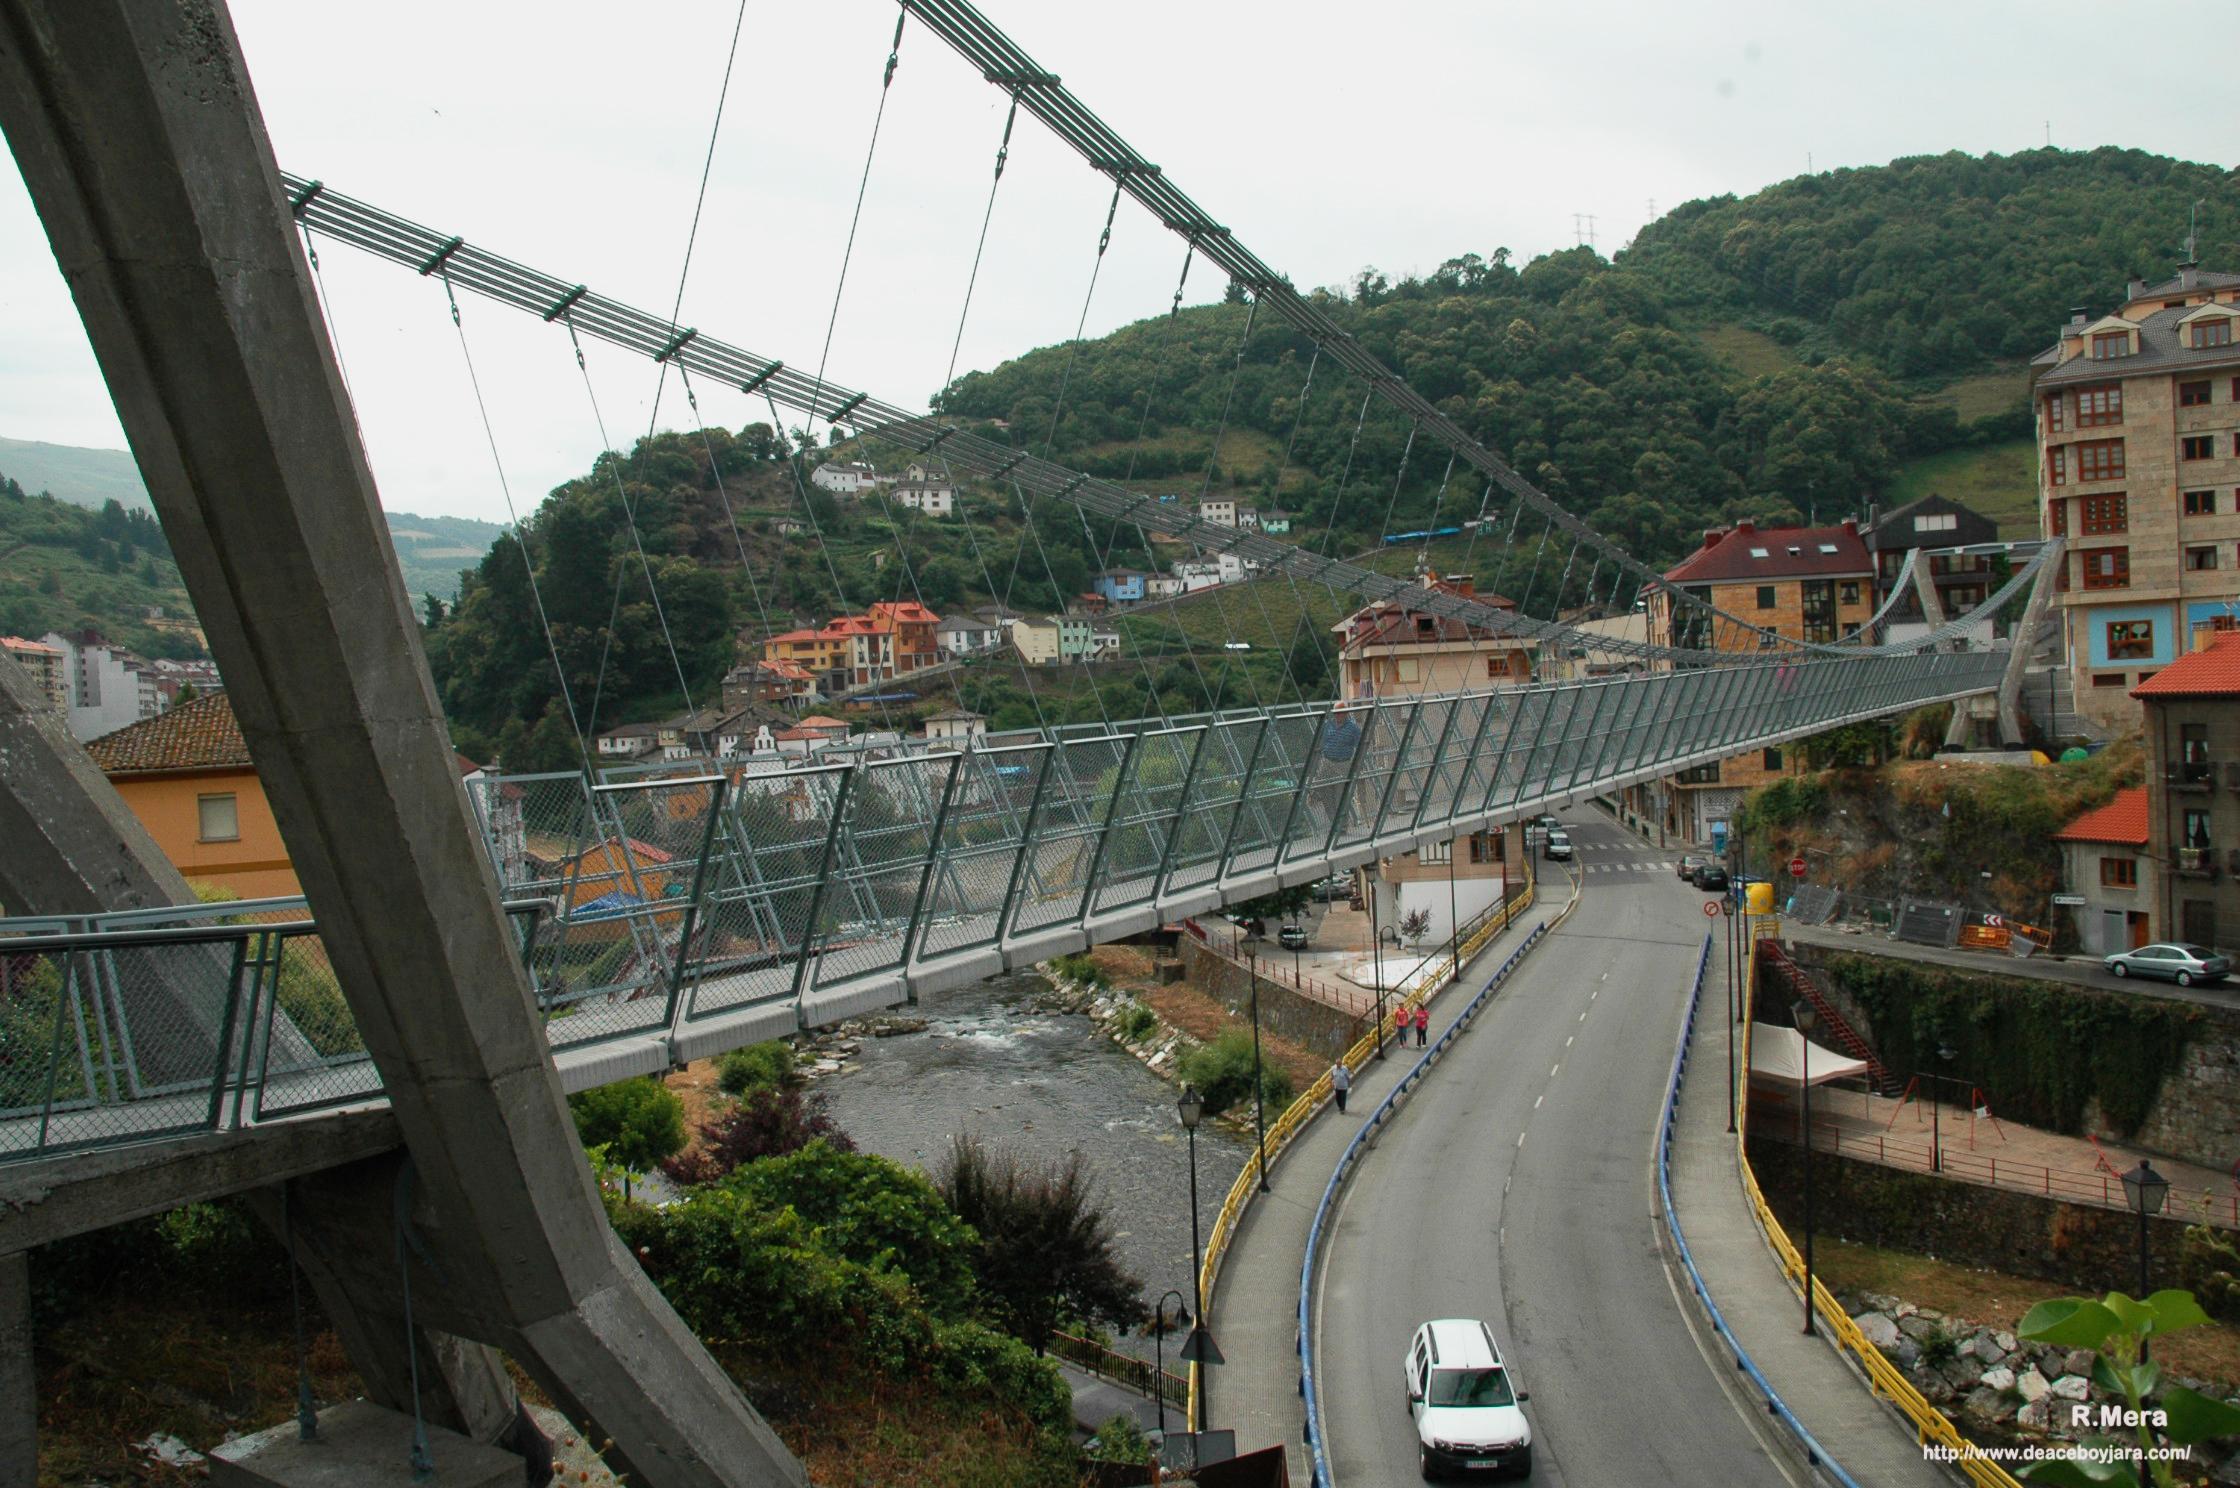 Puente-Colgante-copia.jpg